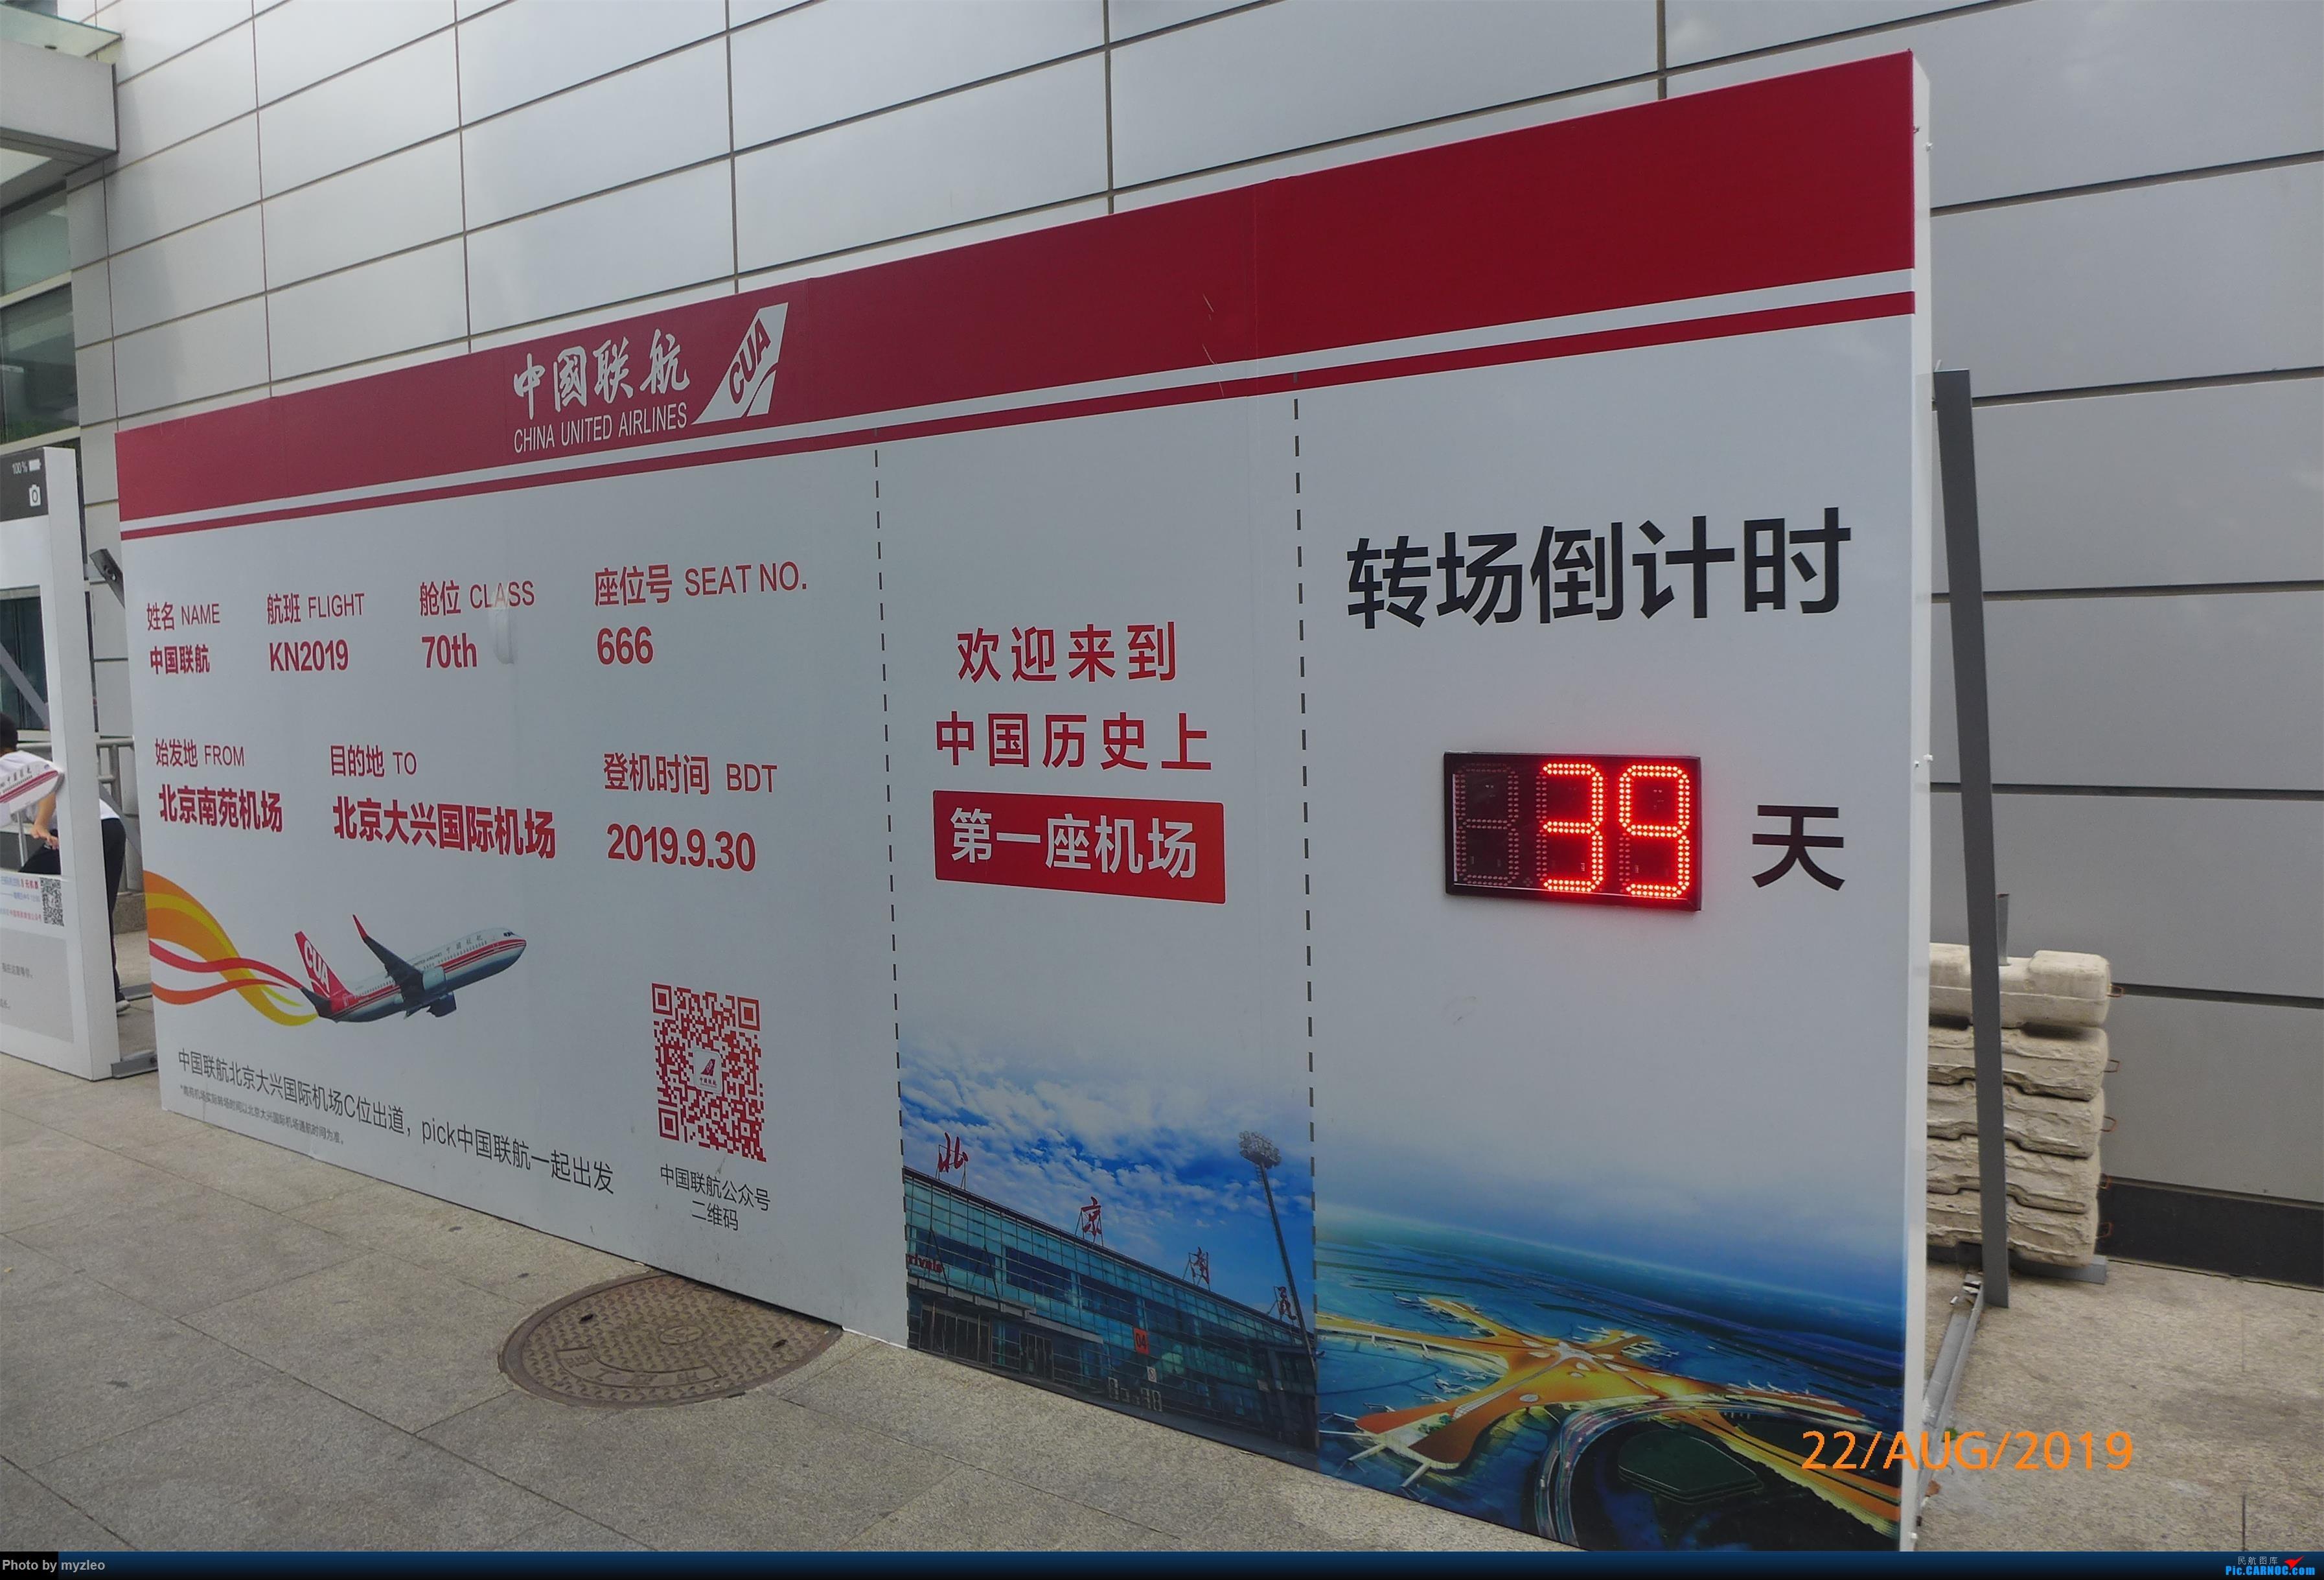 Re:[原创]【myzleo的游记5.2】梦圆一九(2)首访南苑把梦圆,初搭巴航连新缘    中国北京南苑机场